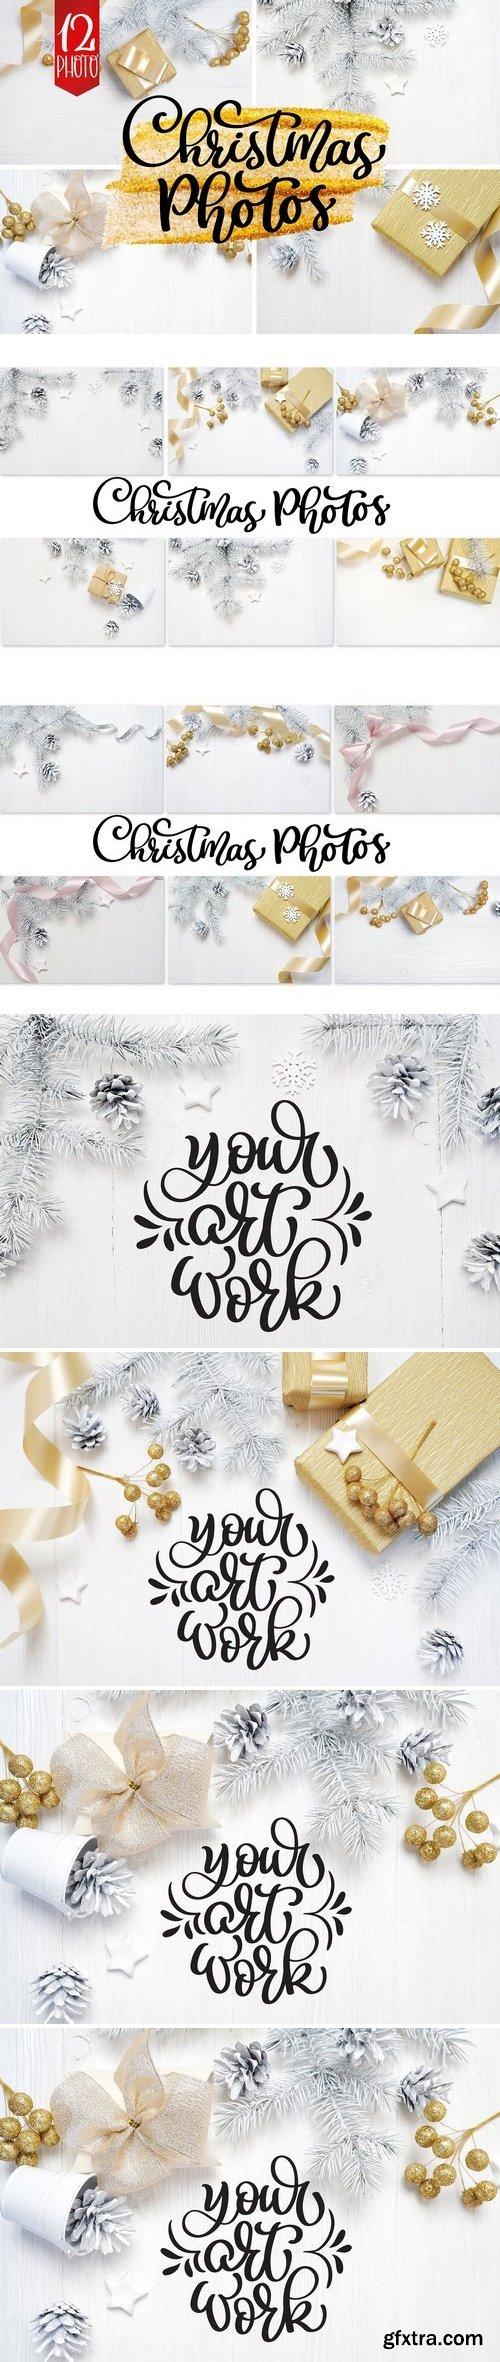 CM - Christmas Photos Set 2128158